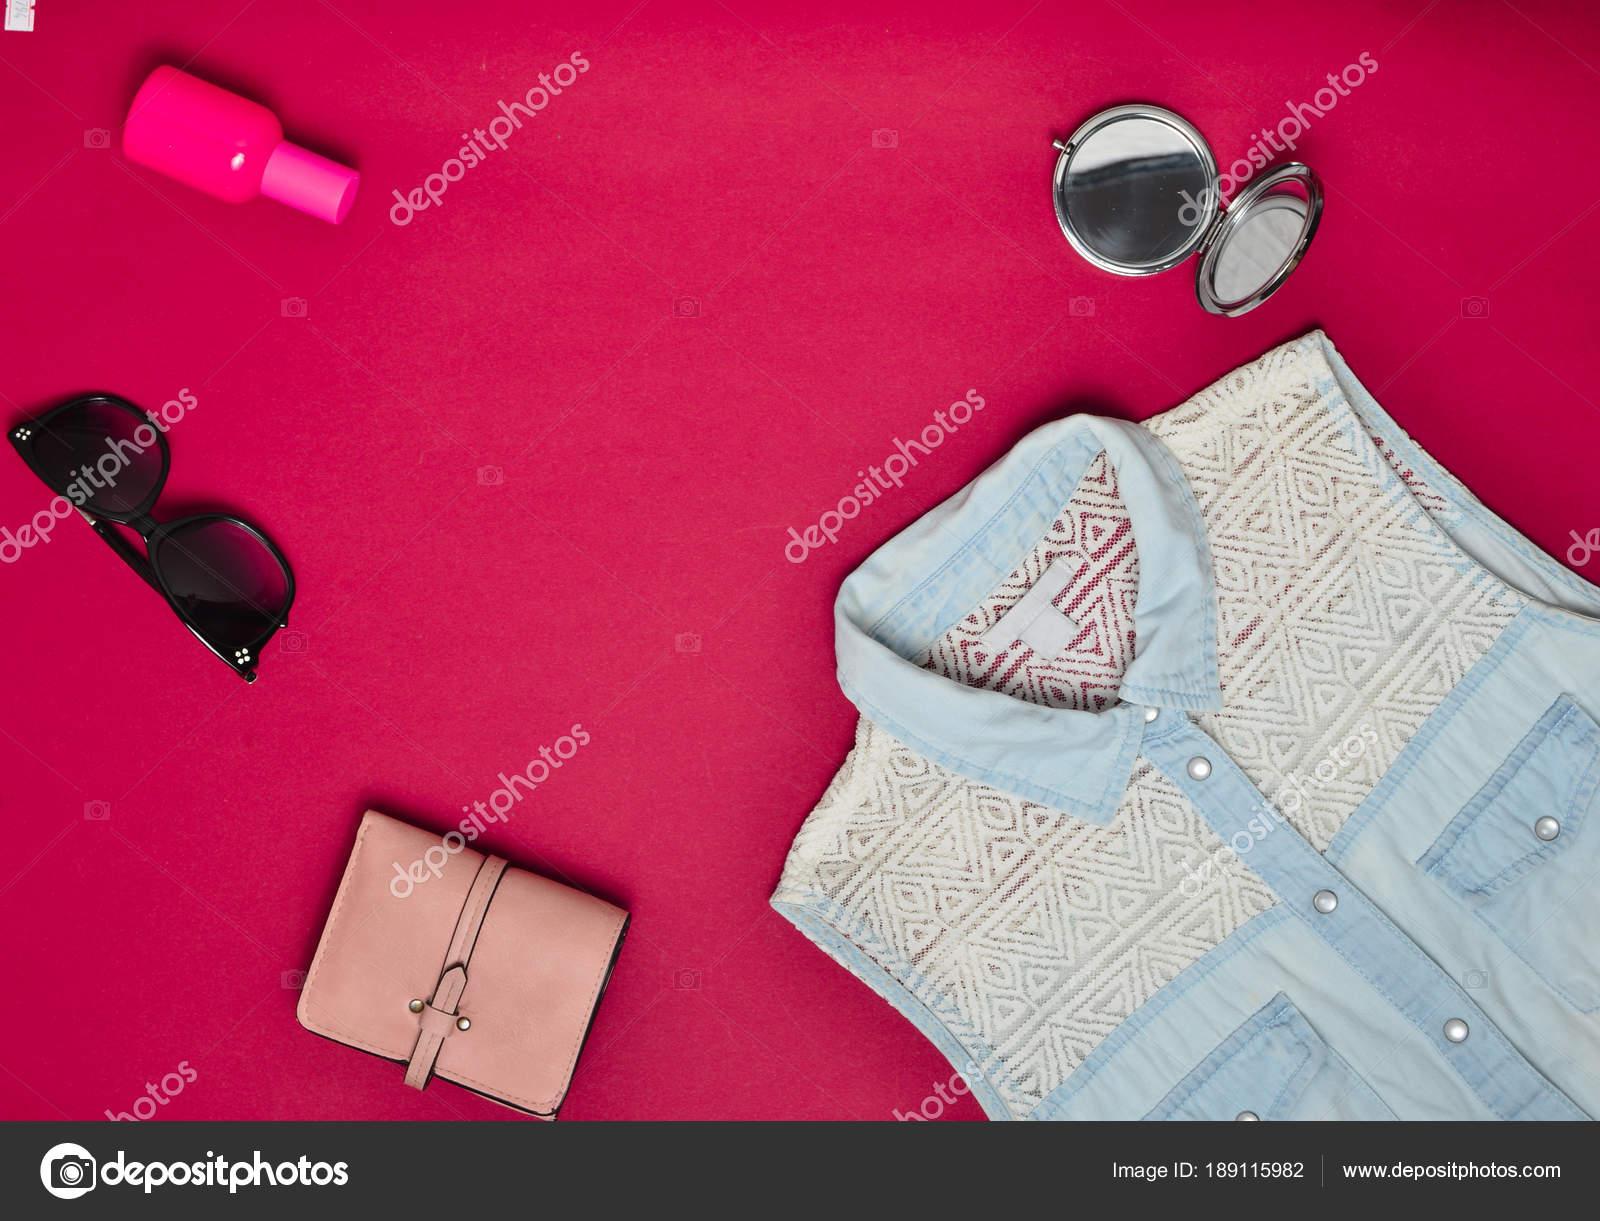 fe504931c05b Feminina acessórios e roupas em um fundo vermelho. Camisa jeans, espelho,  frasco de perfume, óculos de sol, bolsa. Copie o espaço. Plano de leigos.